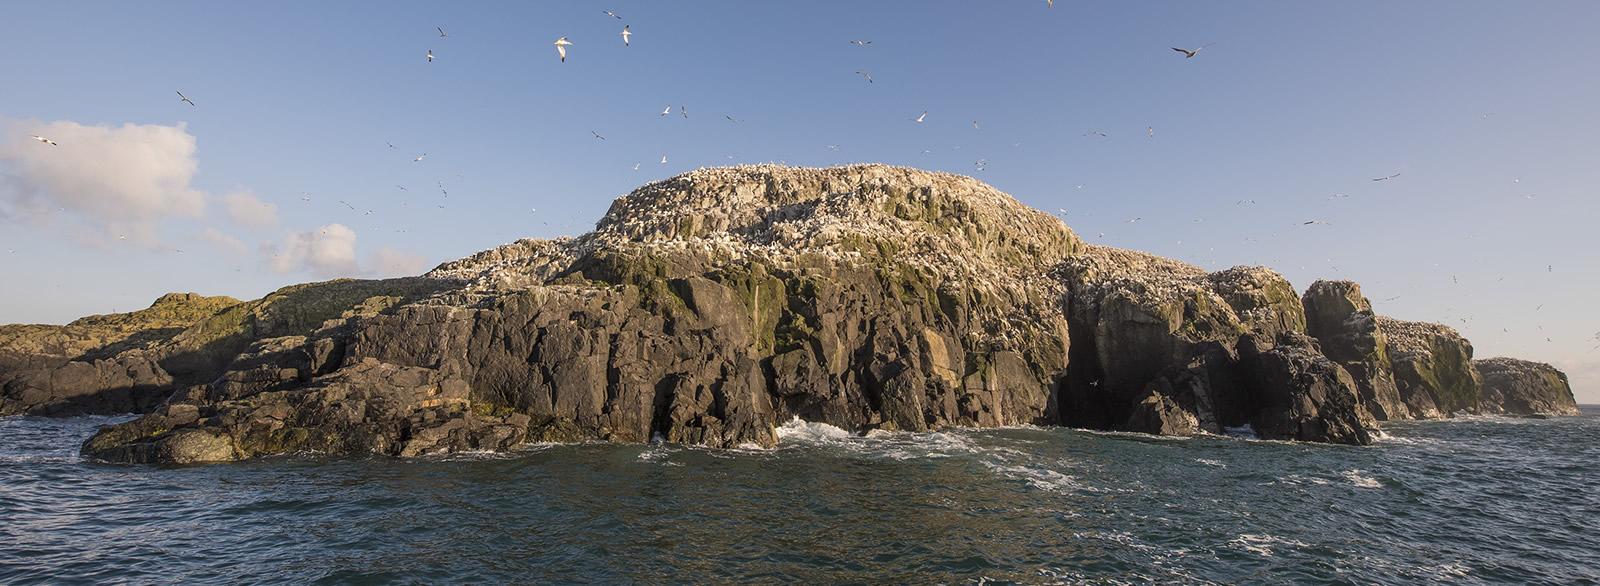 island-birds3